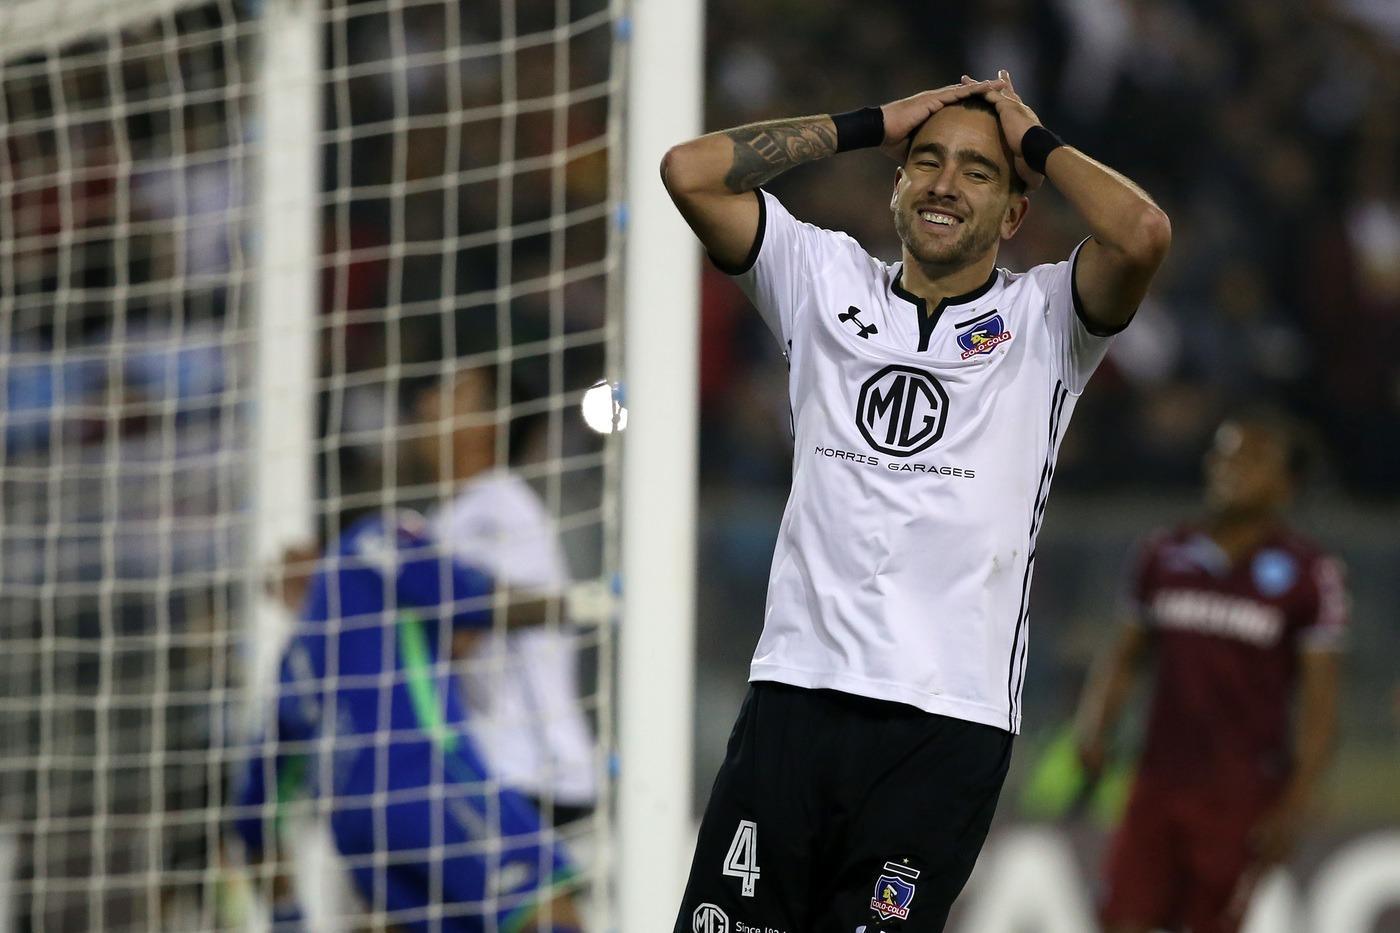 Copa-Cile-pronostico-18-gennaio-2020-analisi-e-pronostico